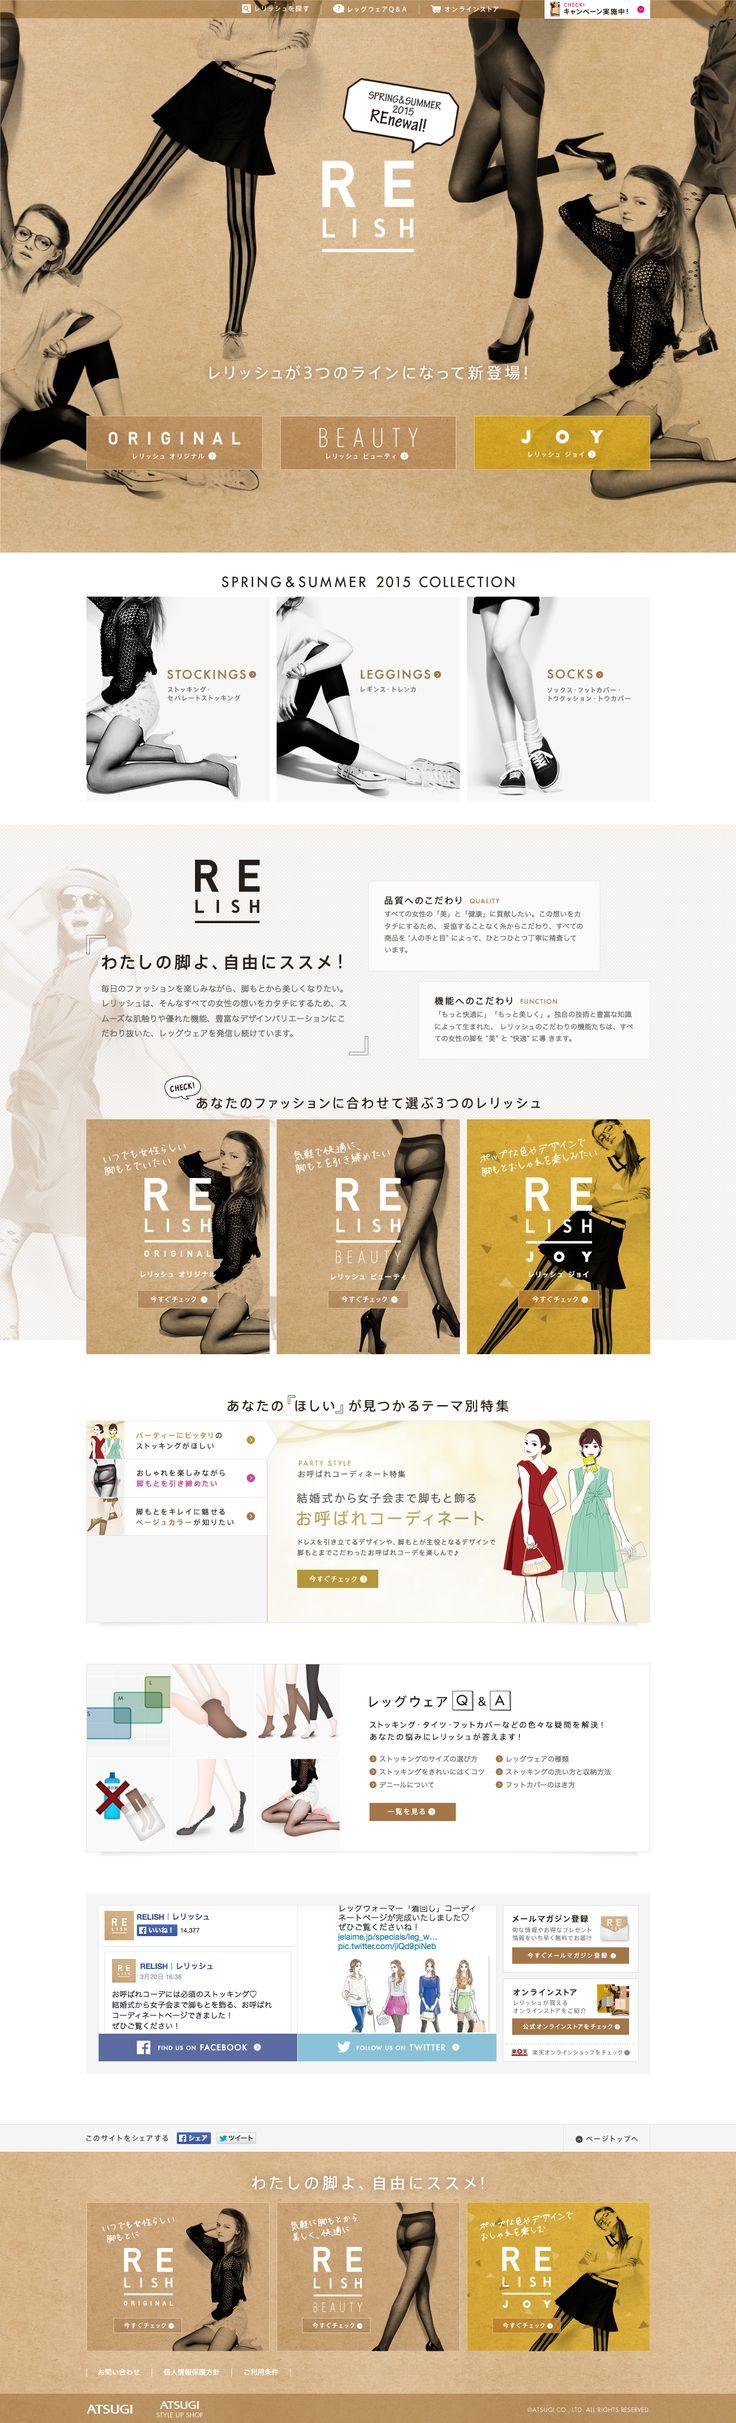 ストッキング、タイツのレッグウェアブランド | レリッシュ [RELISH] – アツギ : 81-web.com【Webデザイン リンク集】